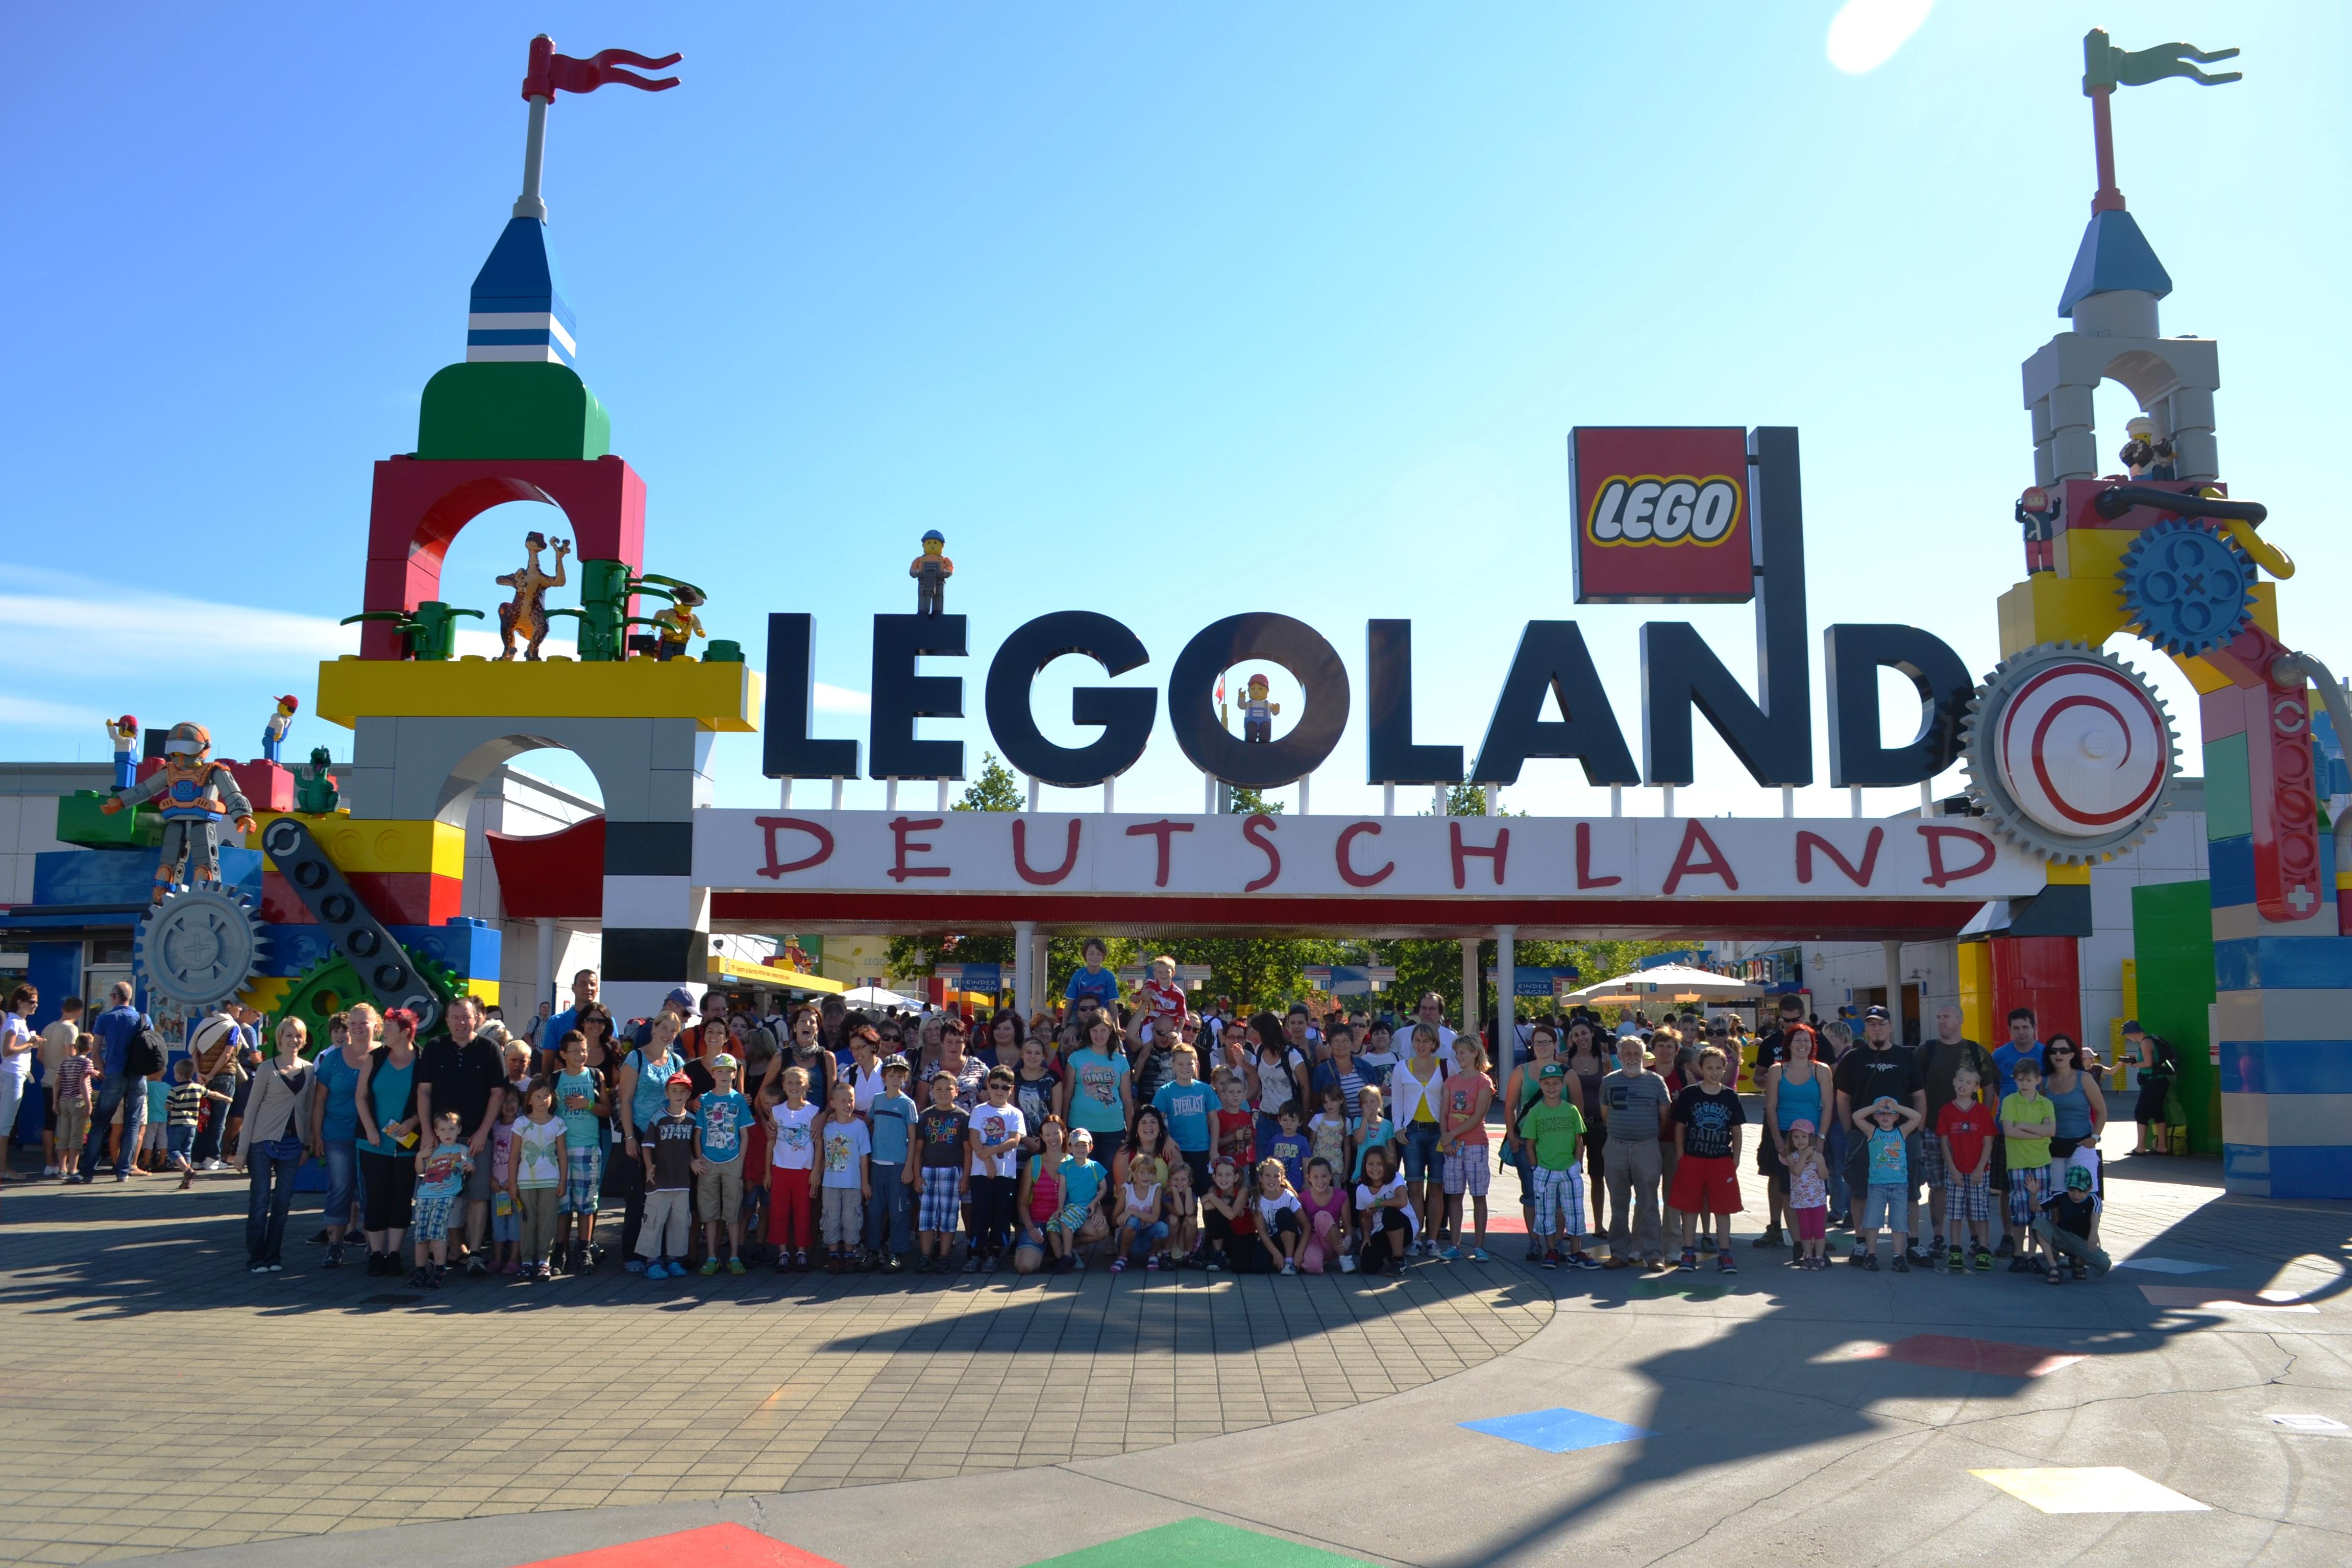 Legoland Besuch Rastland Nassereith